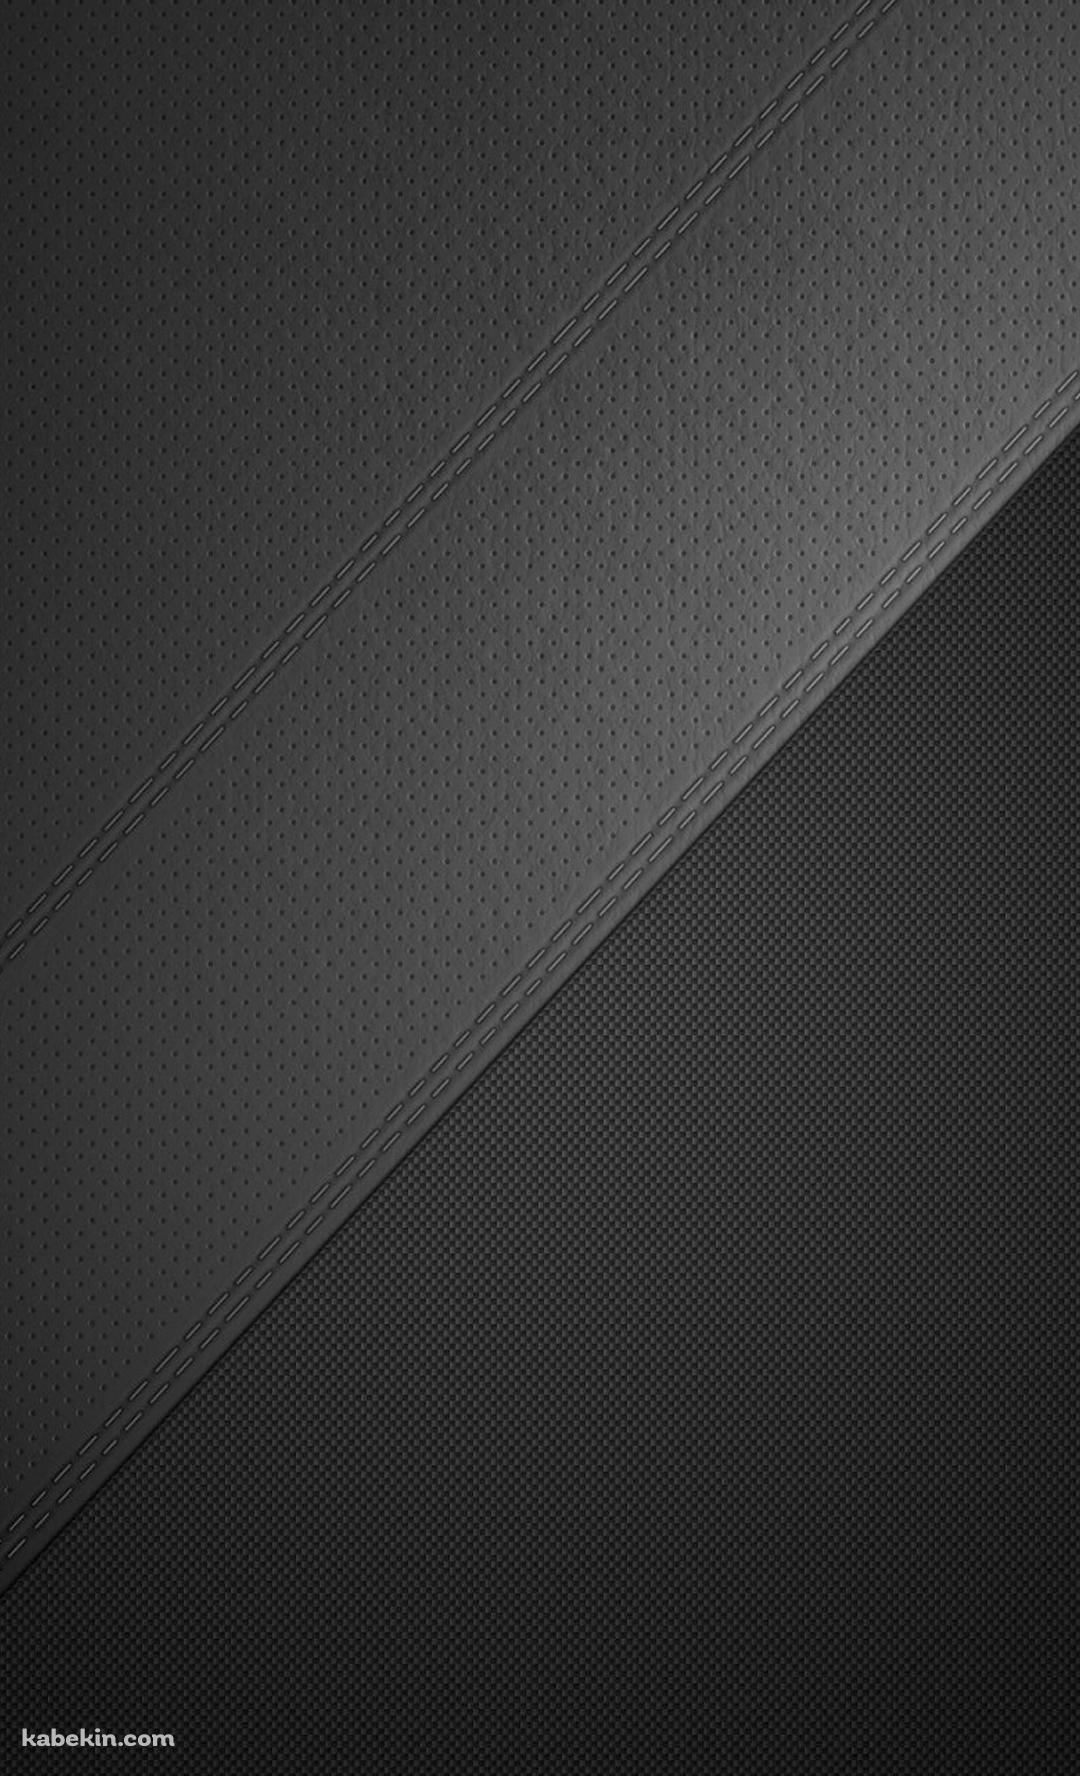 穴の開いた黒のレザーのandroid壁紙 1080 X 1776 壁紙キングダム スマホ版